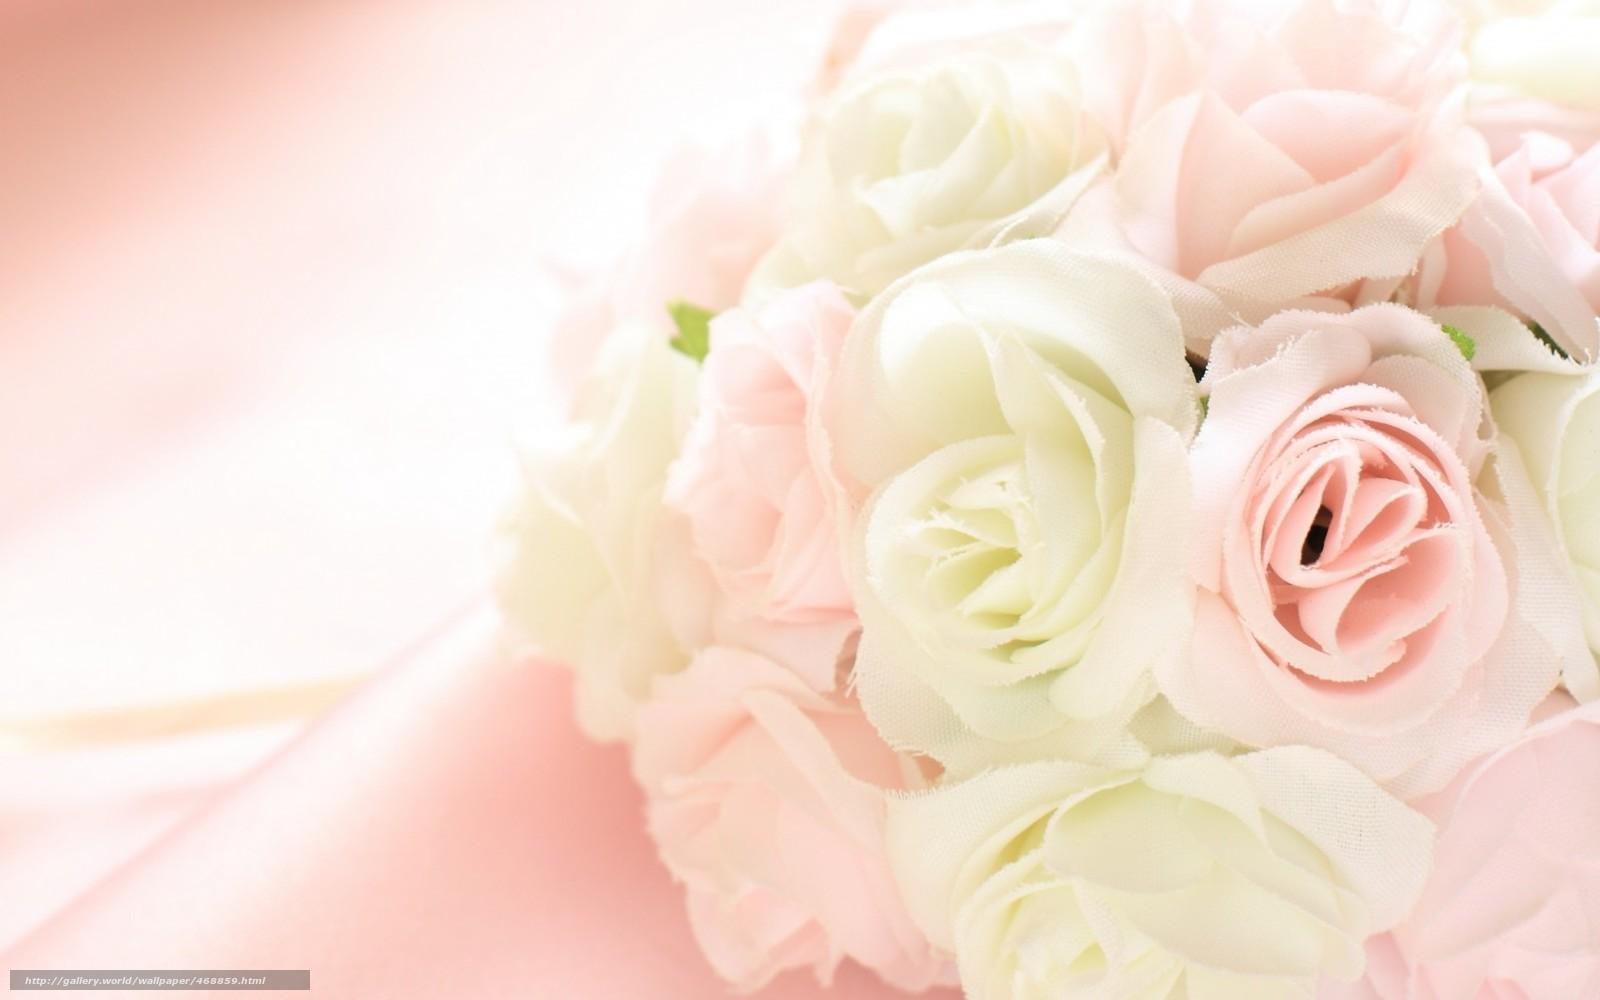 Скачать обои цветы,  ткань,  бахрома,  лепестки бесплатно для рабочего стола в разрешении 1680x1050 — картинка №468859